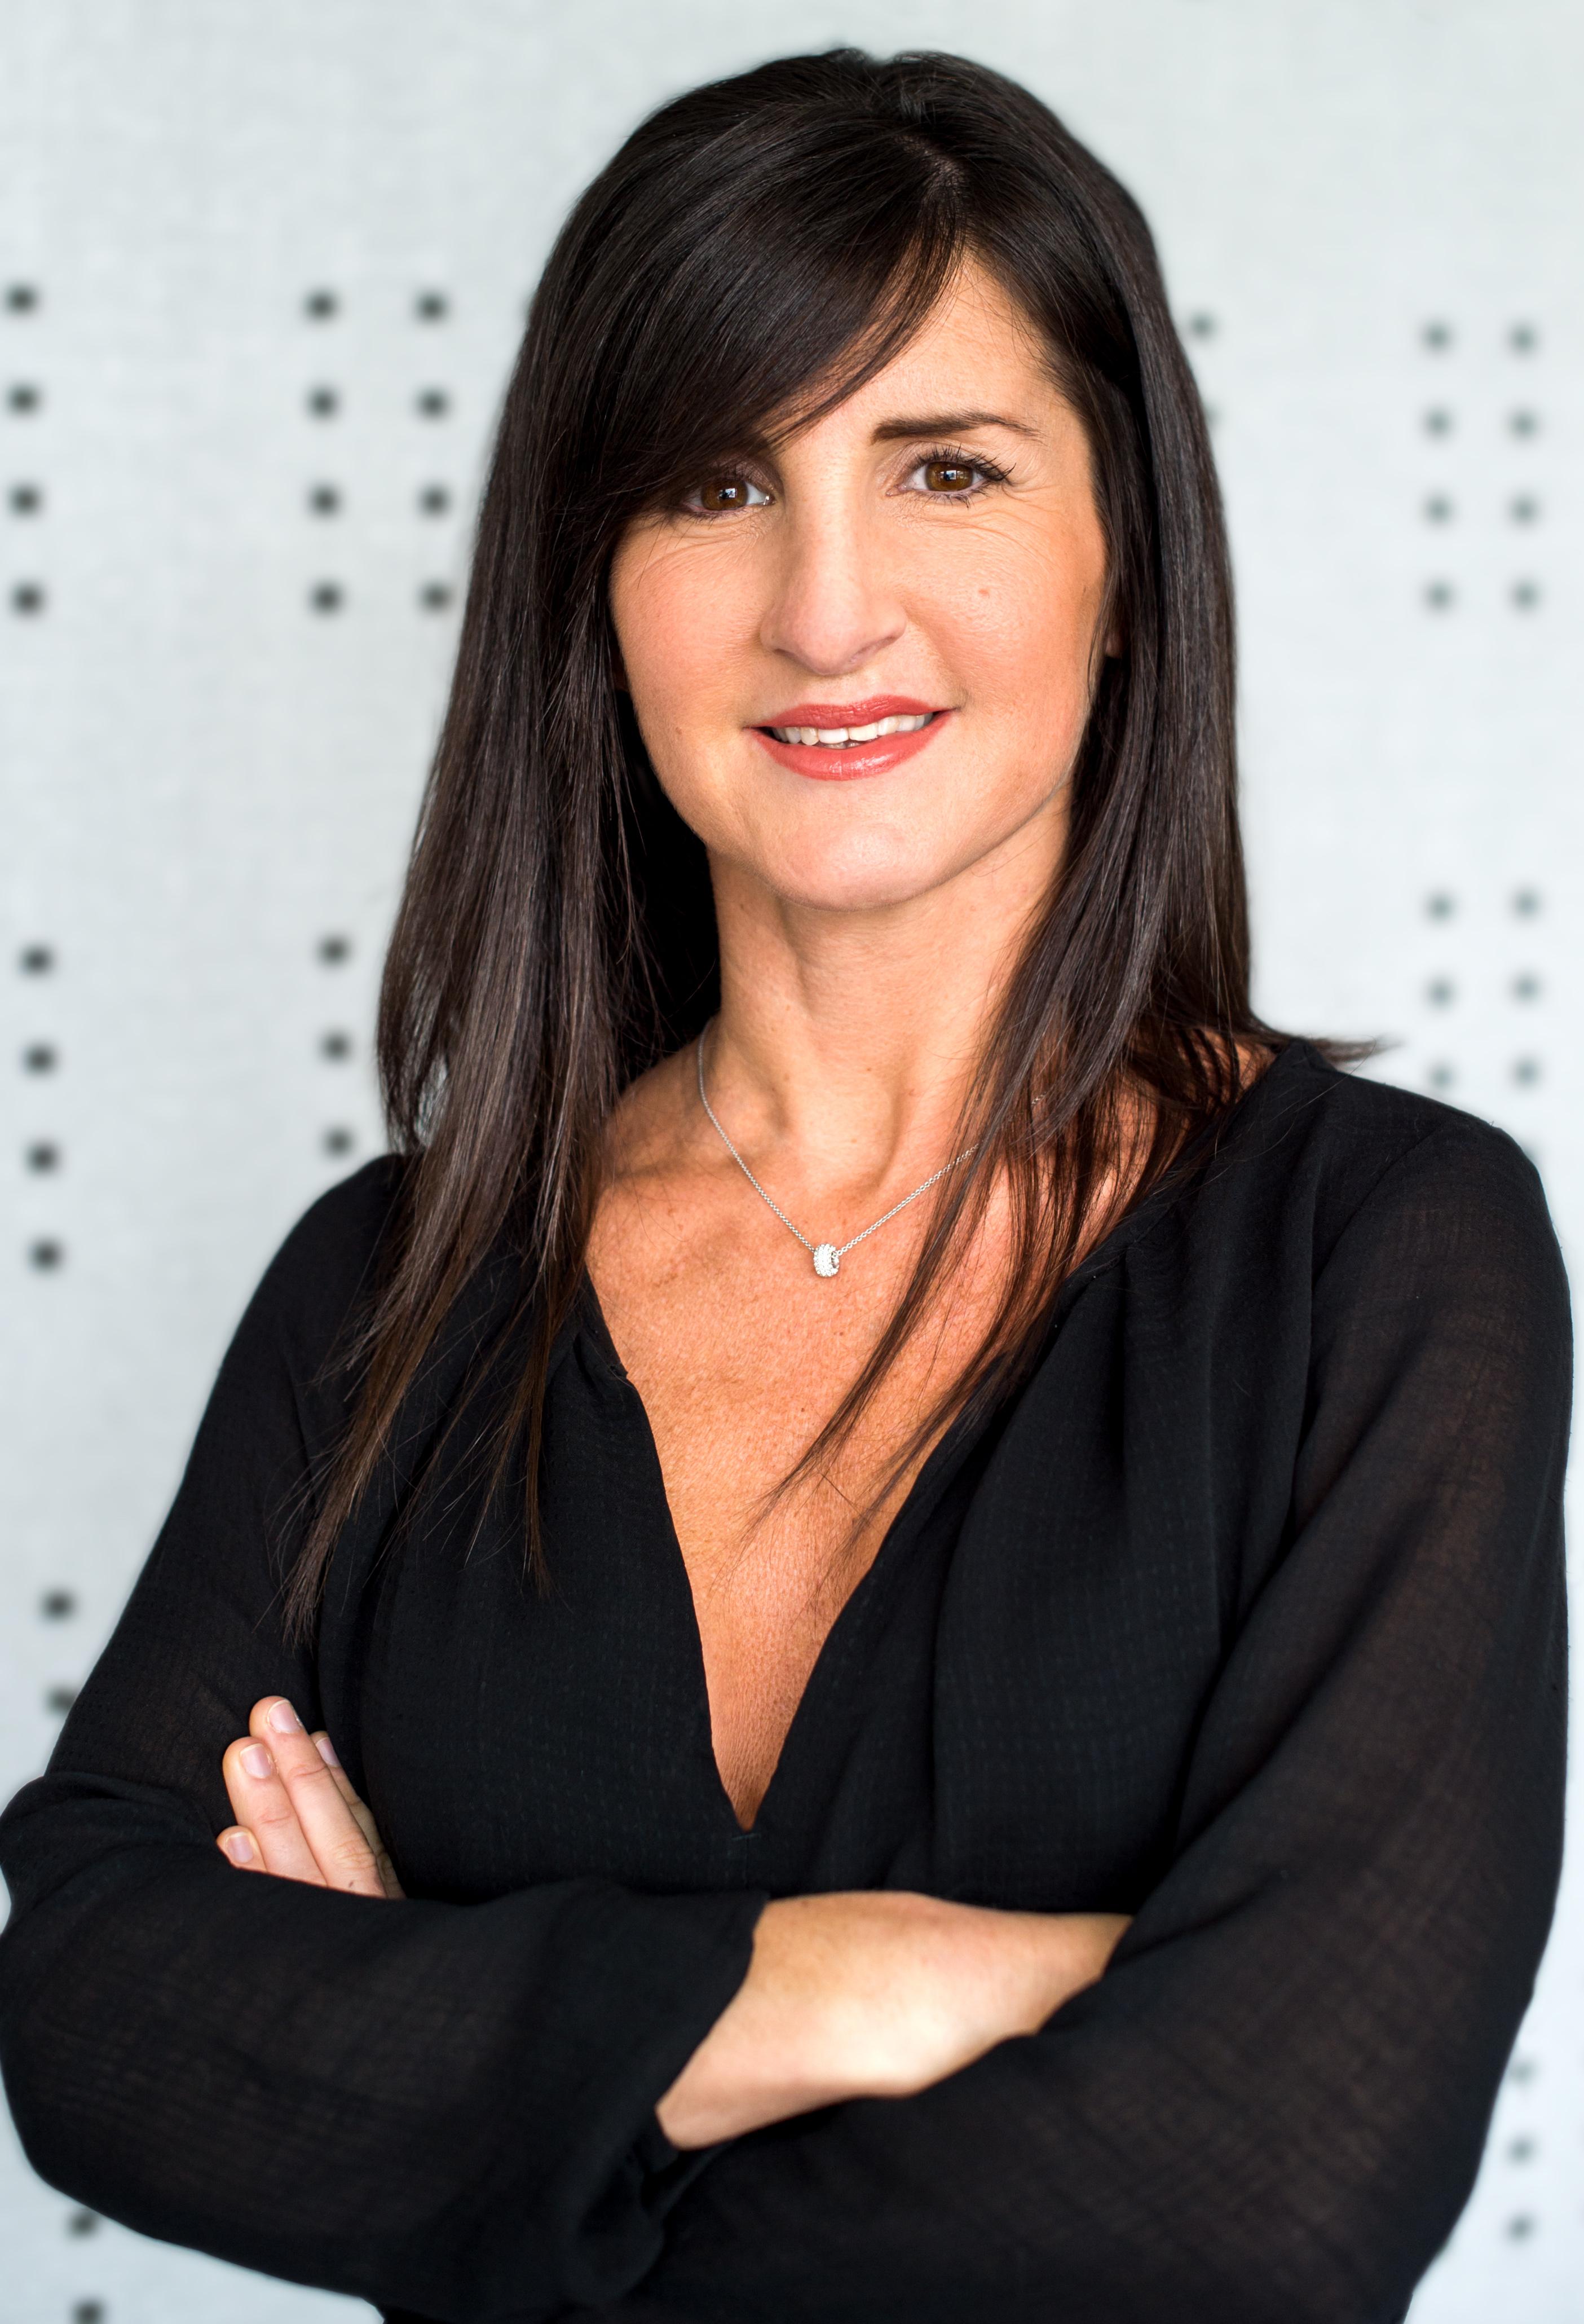 Portraits dirigeants et collaborateurs Toulouse - portrait entreprise - Toulouse - crédits Autan Blanc - Thibaut DELIGEY